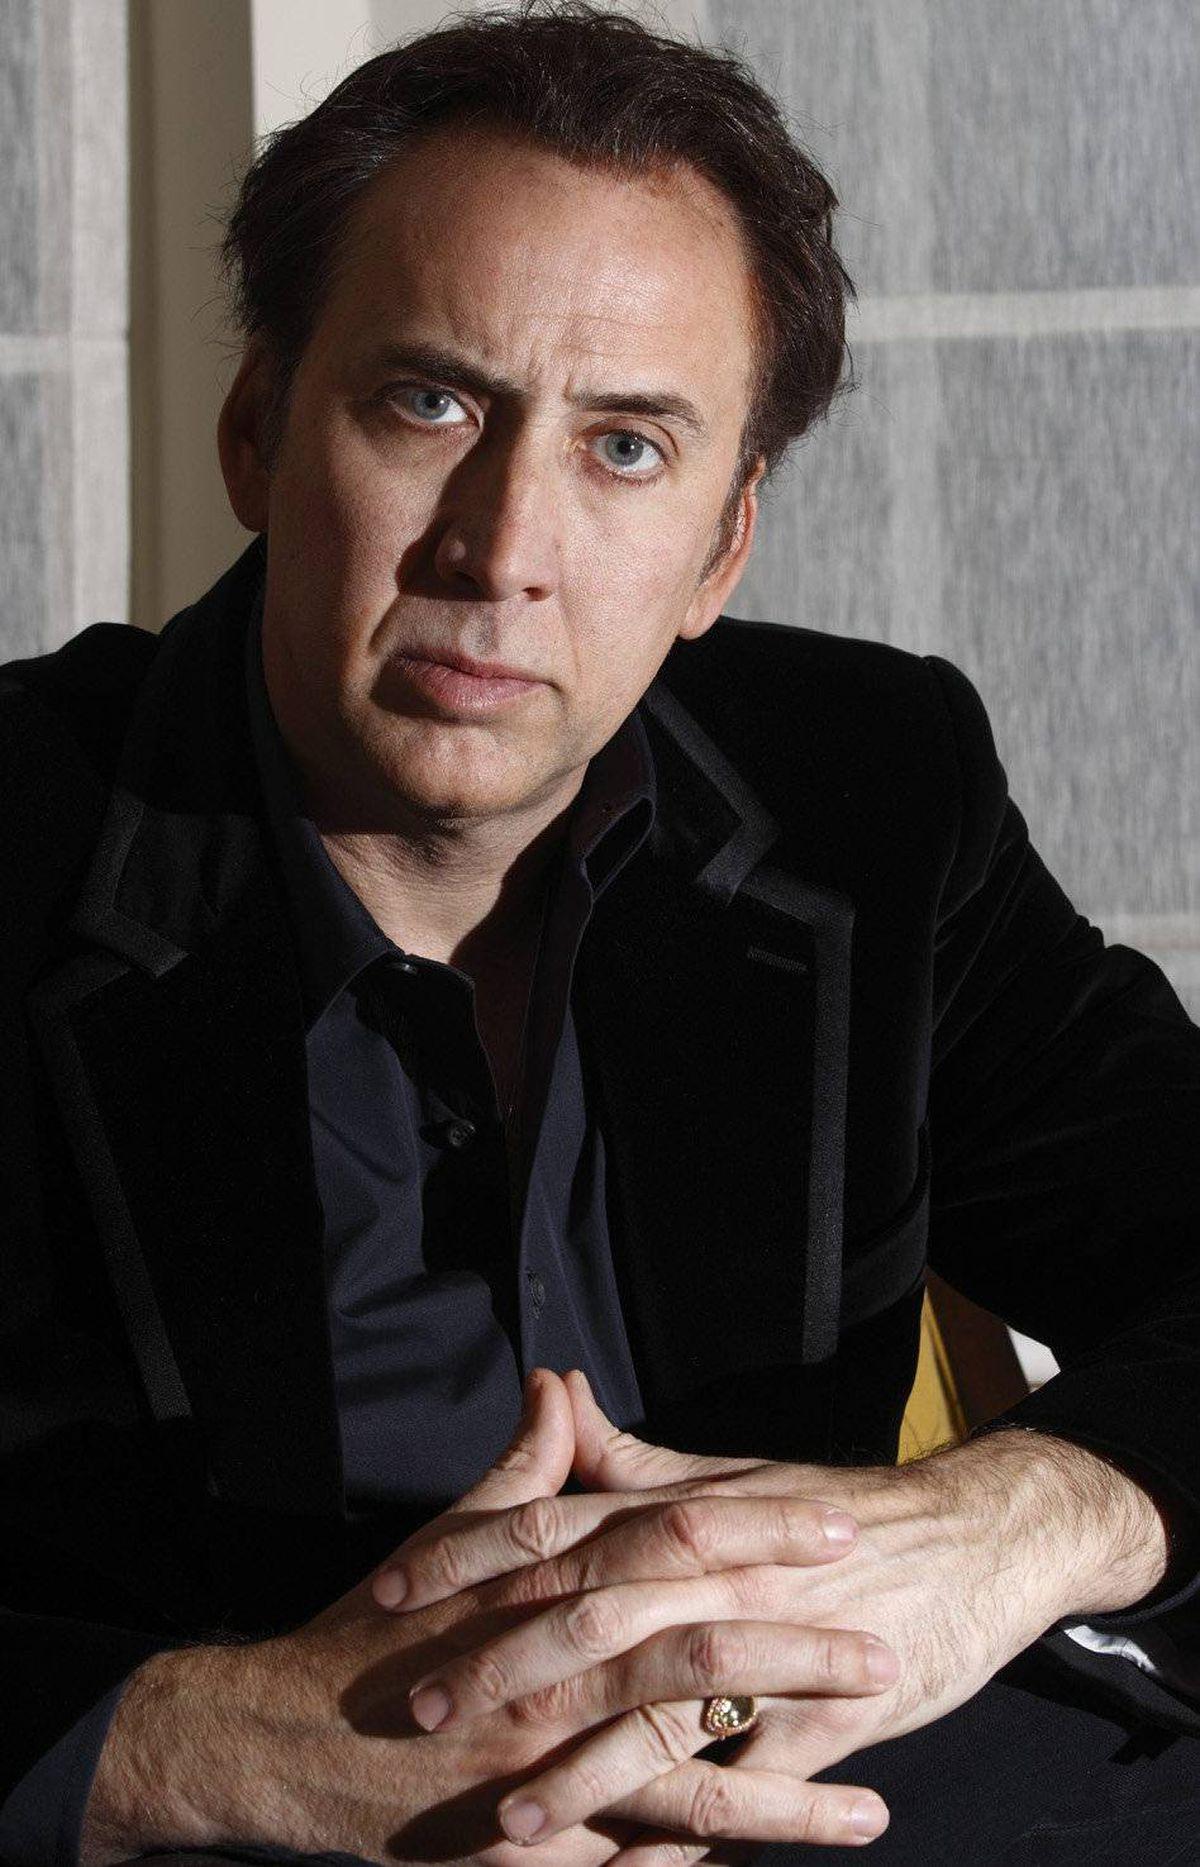 Nicolas Cage named his son. Kal-El, after Superman's birth name.